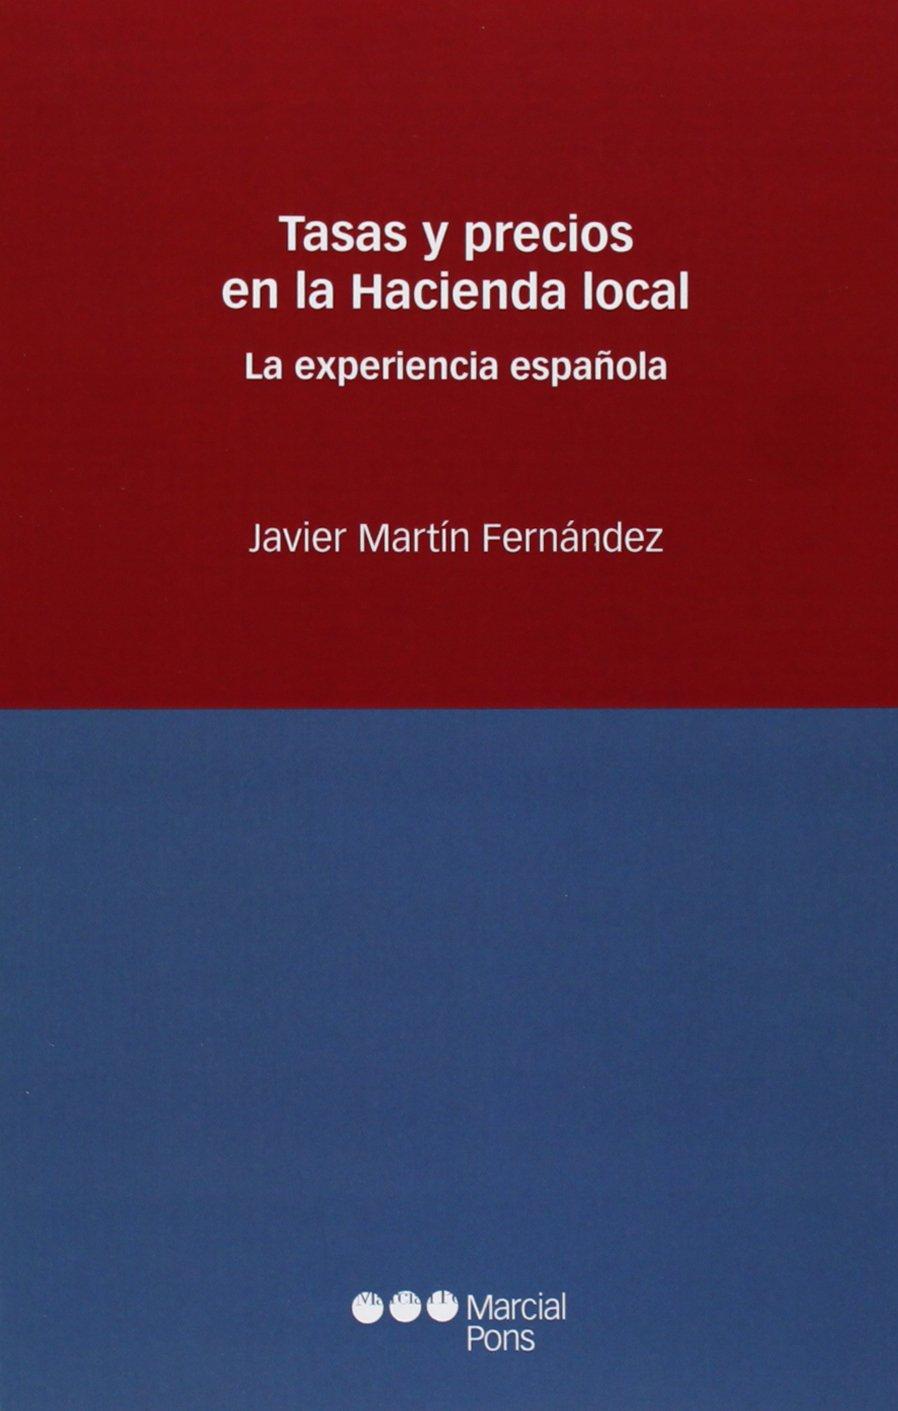 Tasas y precios en la Hacienda local: La experiencia española Estudios jurídicos: Amazon.es: Francisco Javier Martín Fernández: Libros